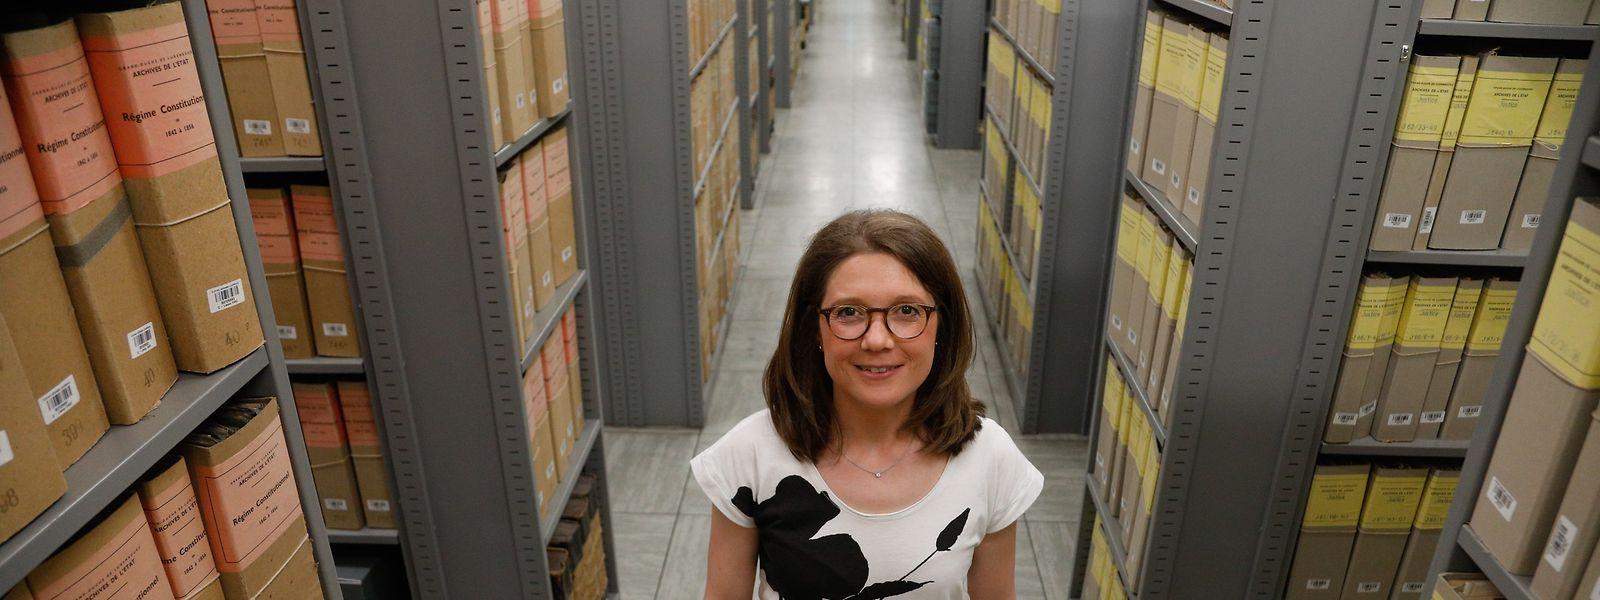 """Corinne Schroeder ist Archivarin im Staatsarchiv und Vorsitzende des """"Veräin vun de Lëtzebuerger Archivisten""""."""